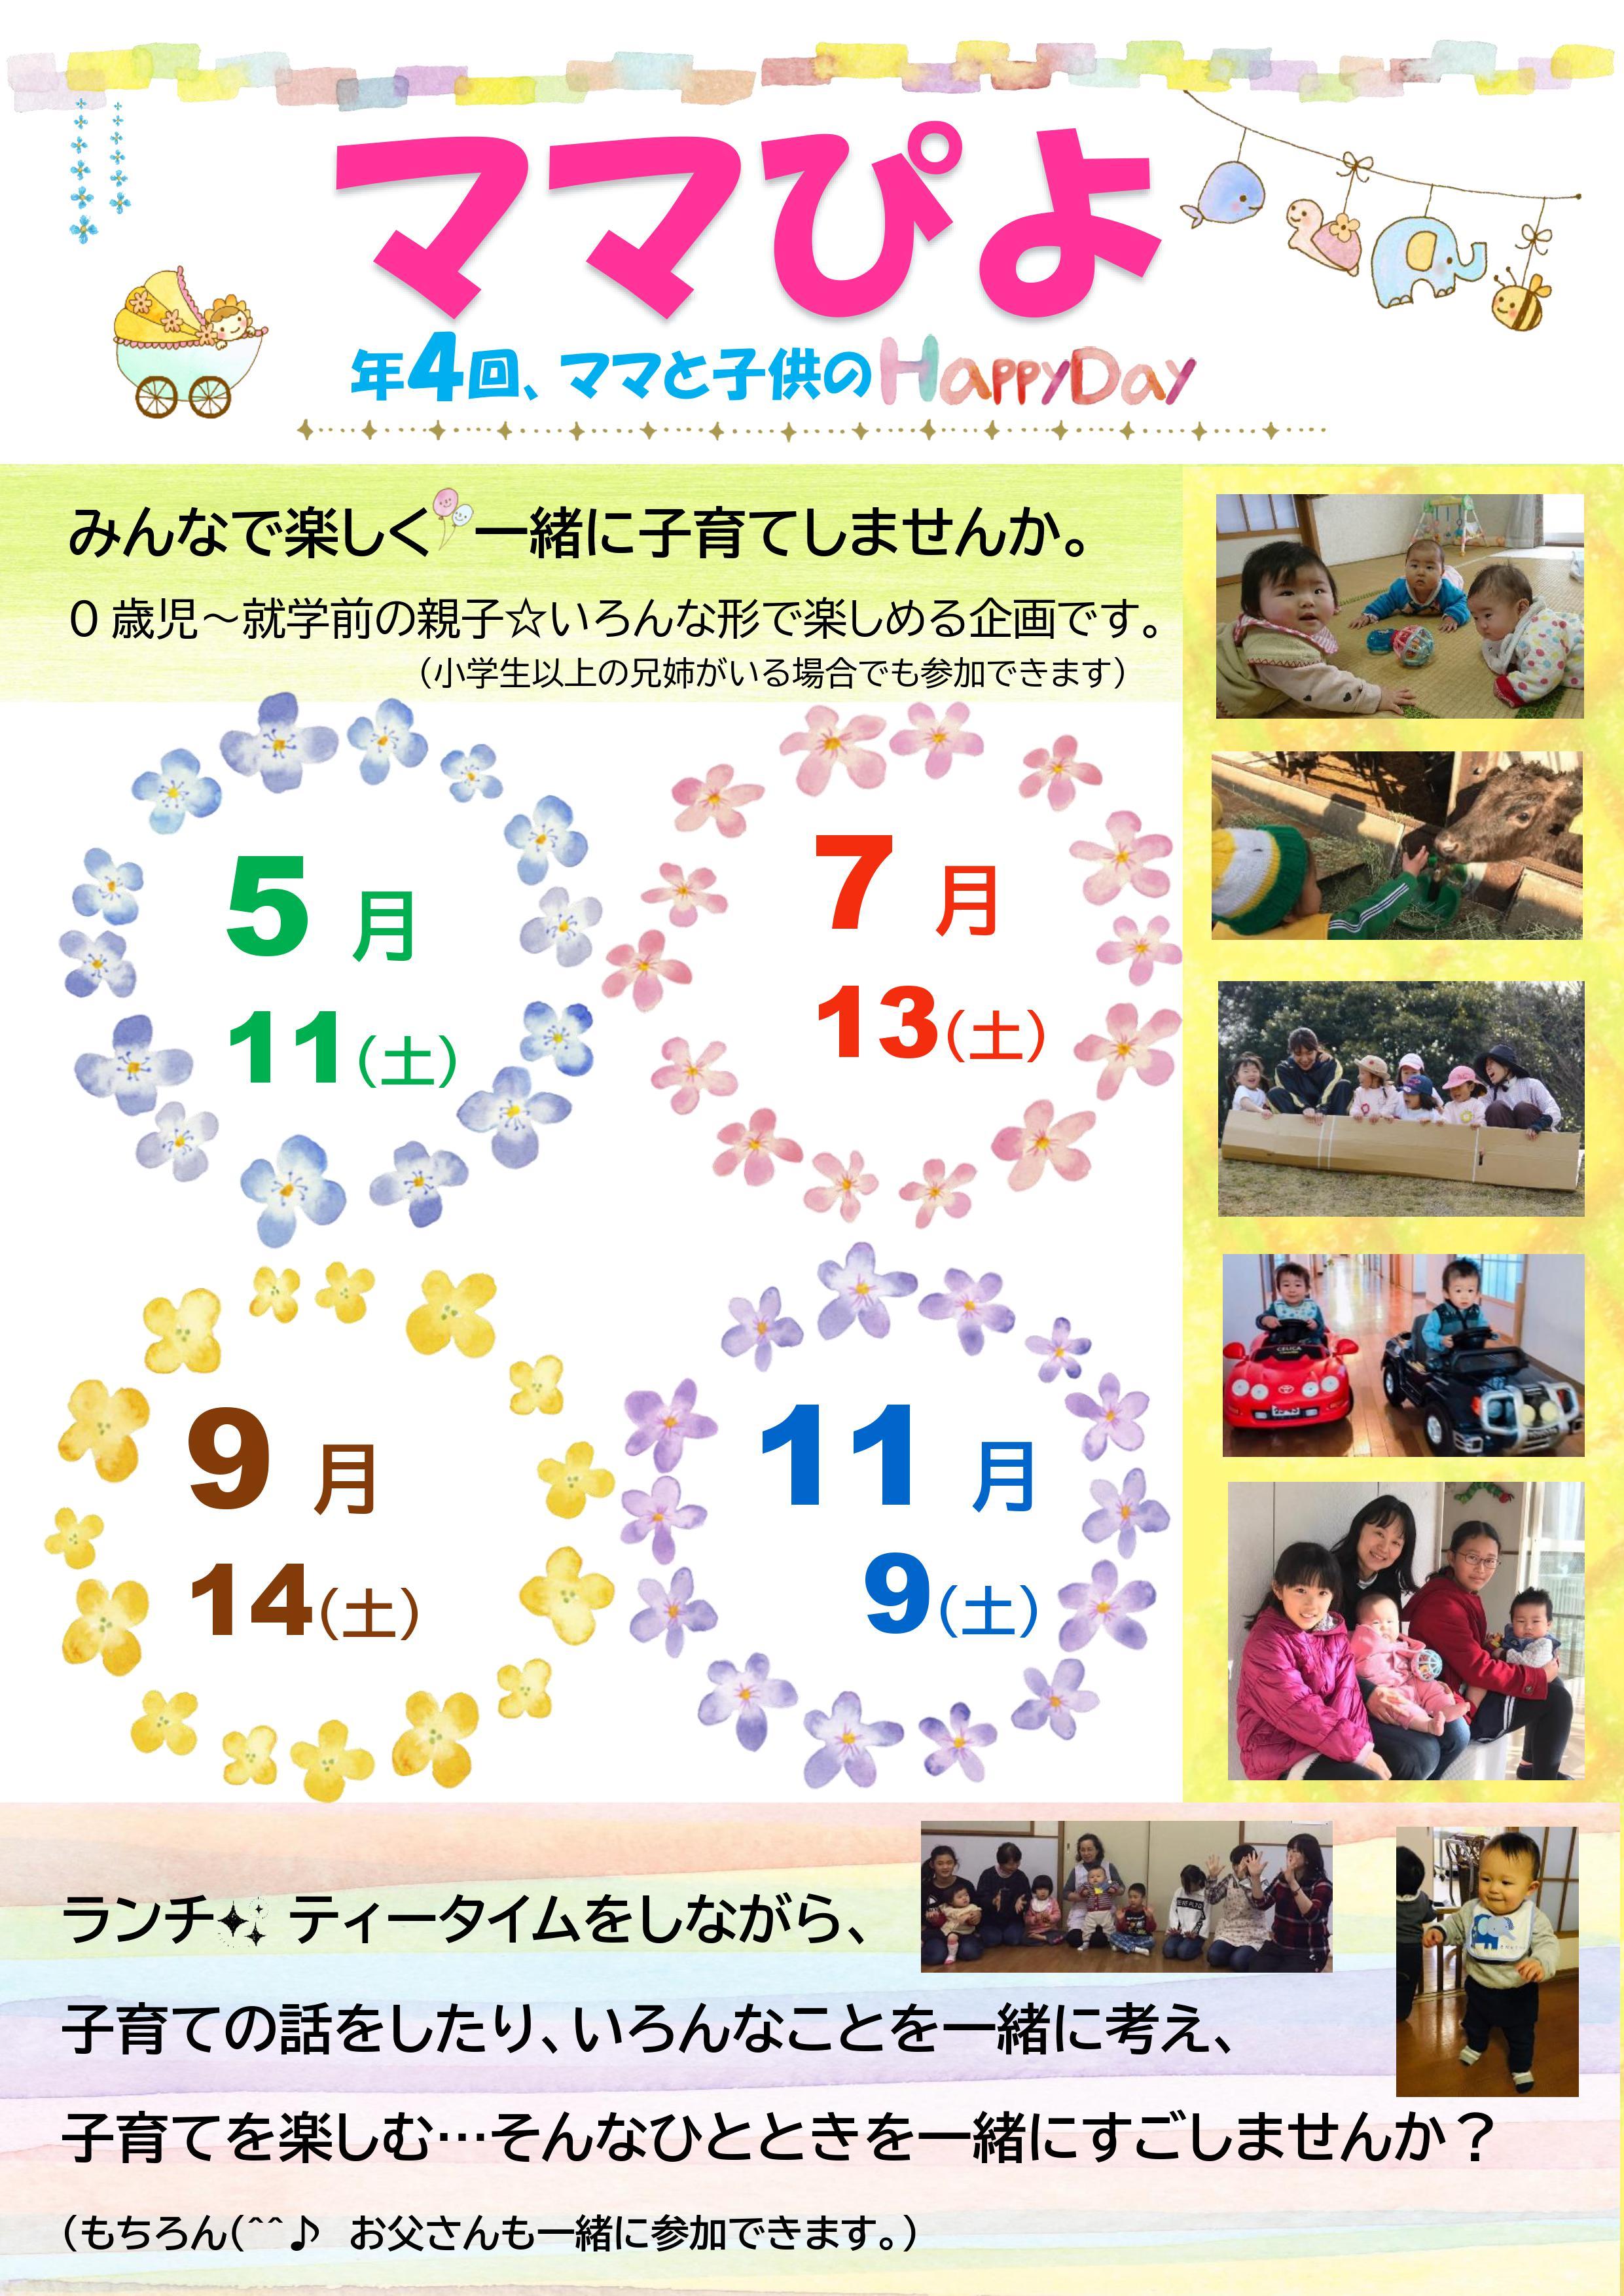 「ママぴよ」乳幼児合宿<br/>(日帰りコース・お泊りコース)